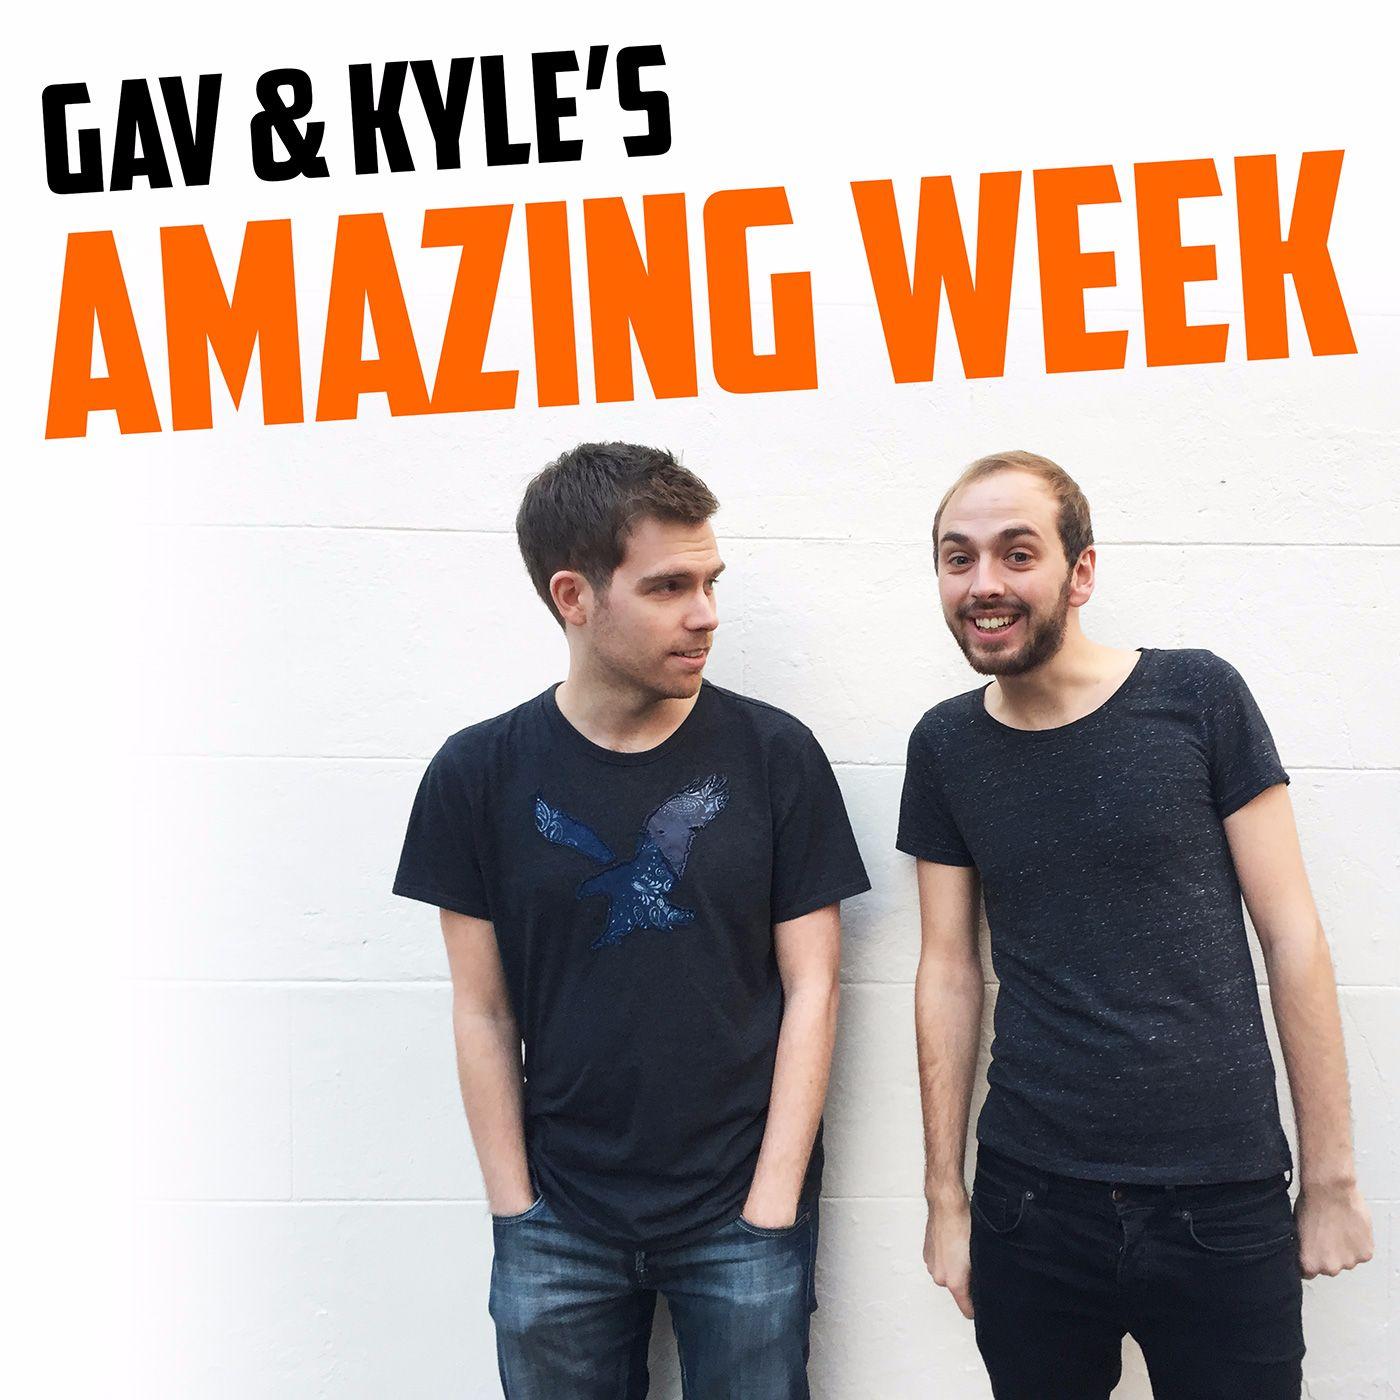 Gav & Kyle's Amazing Week